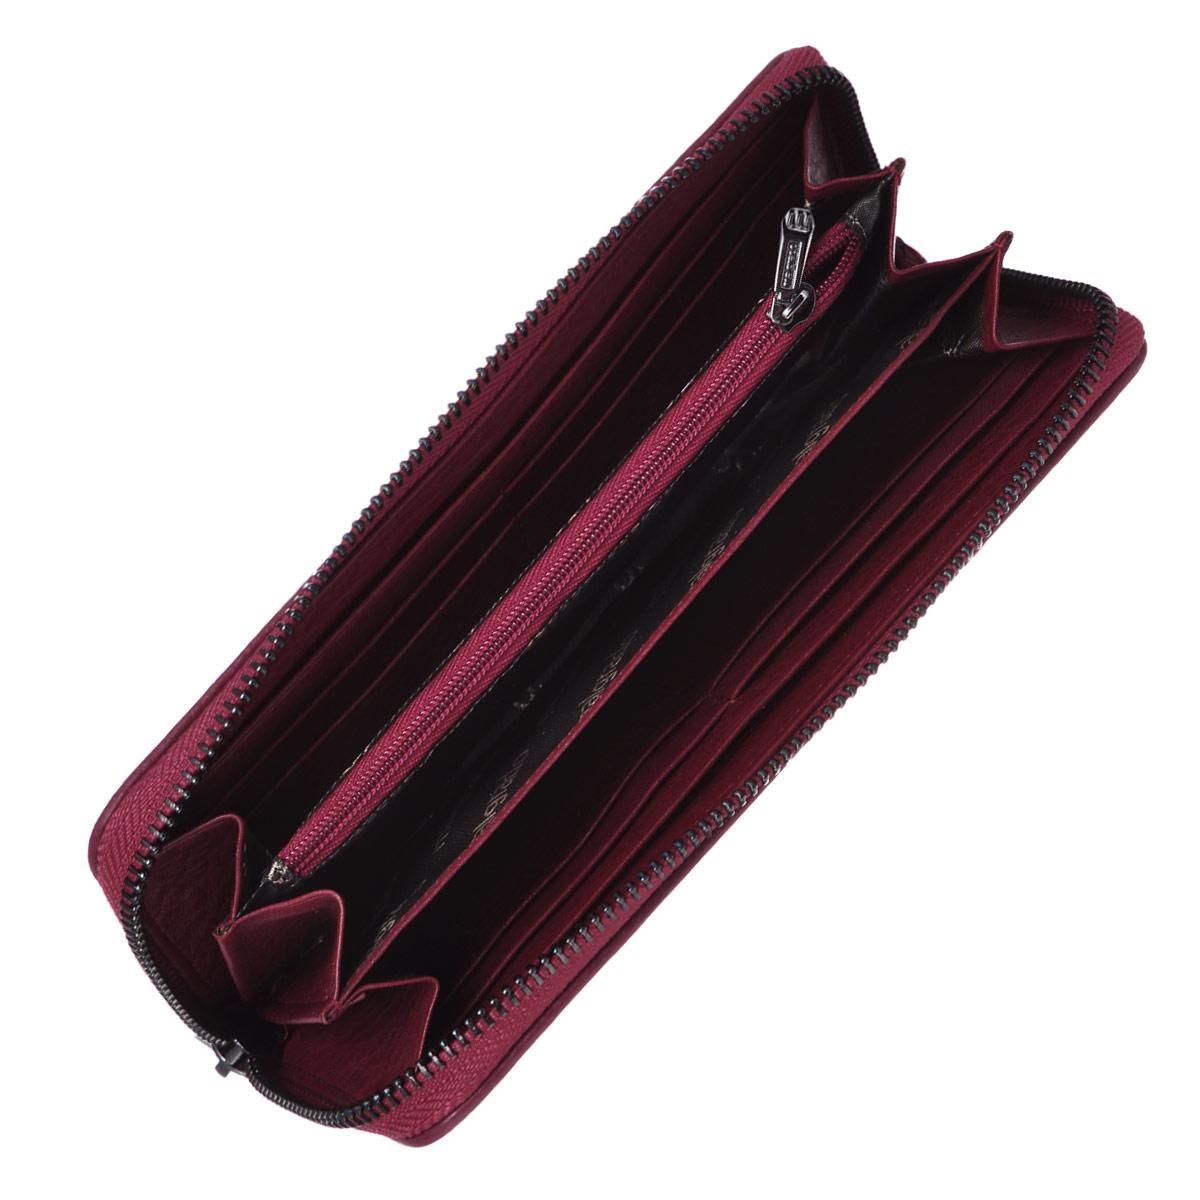 Кошелек женский Malgrado, цвет: темно-красный, бордовый. 73005-40302 ( 73005-40302# Red )